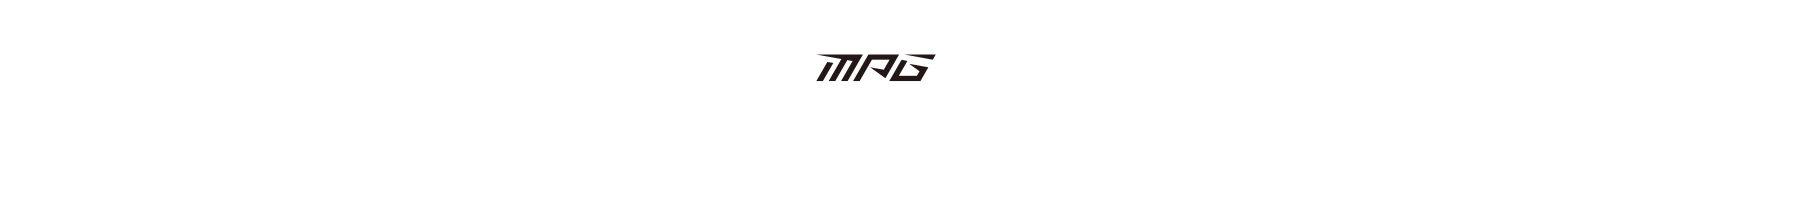 MSI MPG MAVERIK MKT NAME 1